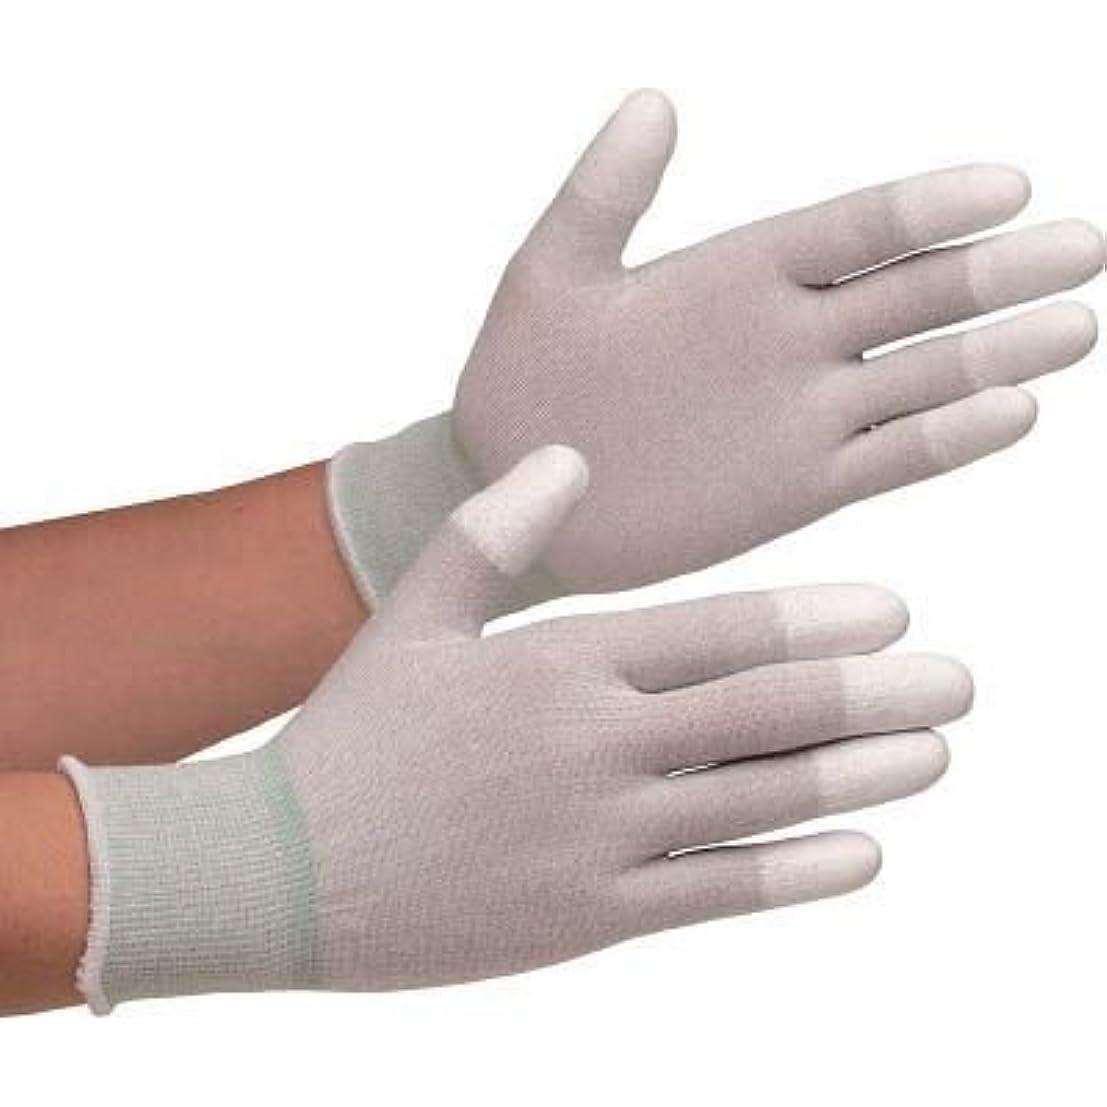 通行料金誠実ブルームミドリ安全 静電気拡散性手袋(指先コート)S 10双入 MCG801S-7186 【4169905】